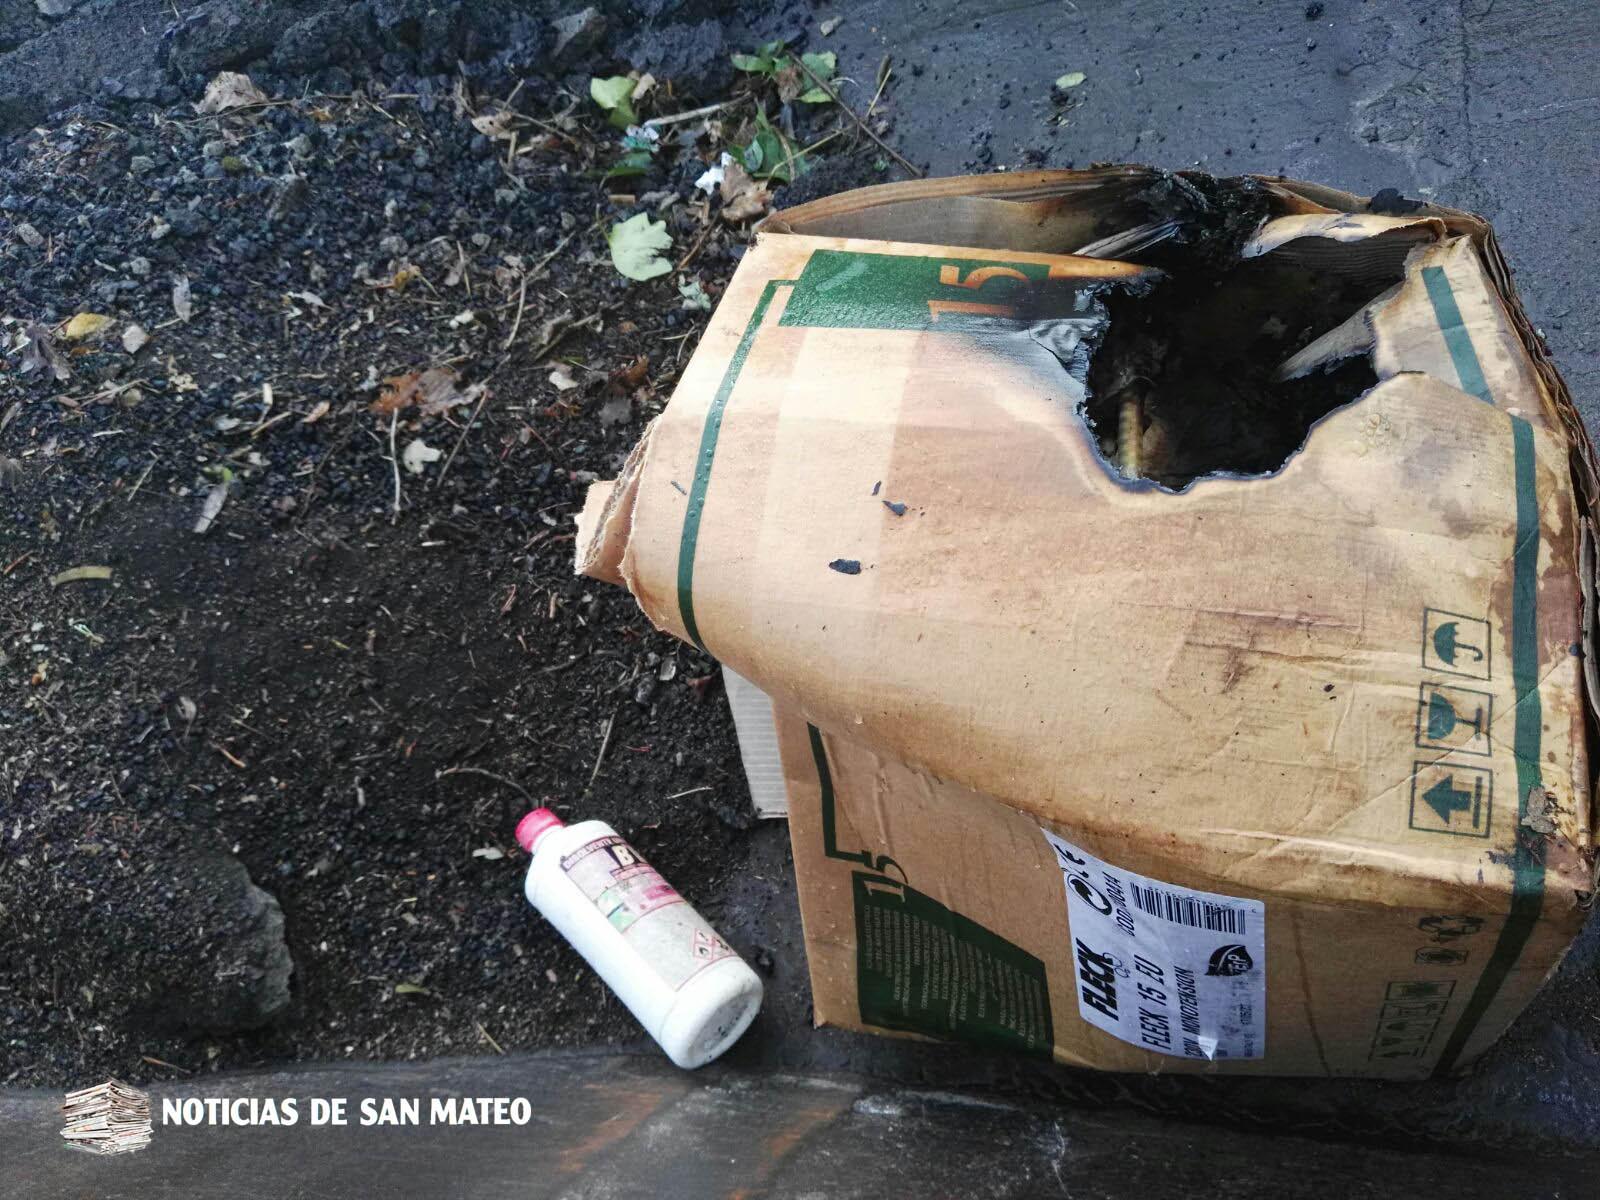 Contenedor Las Cuevas domingo 3 de diciembre de 2017 Noticias de San Mateo